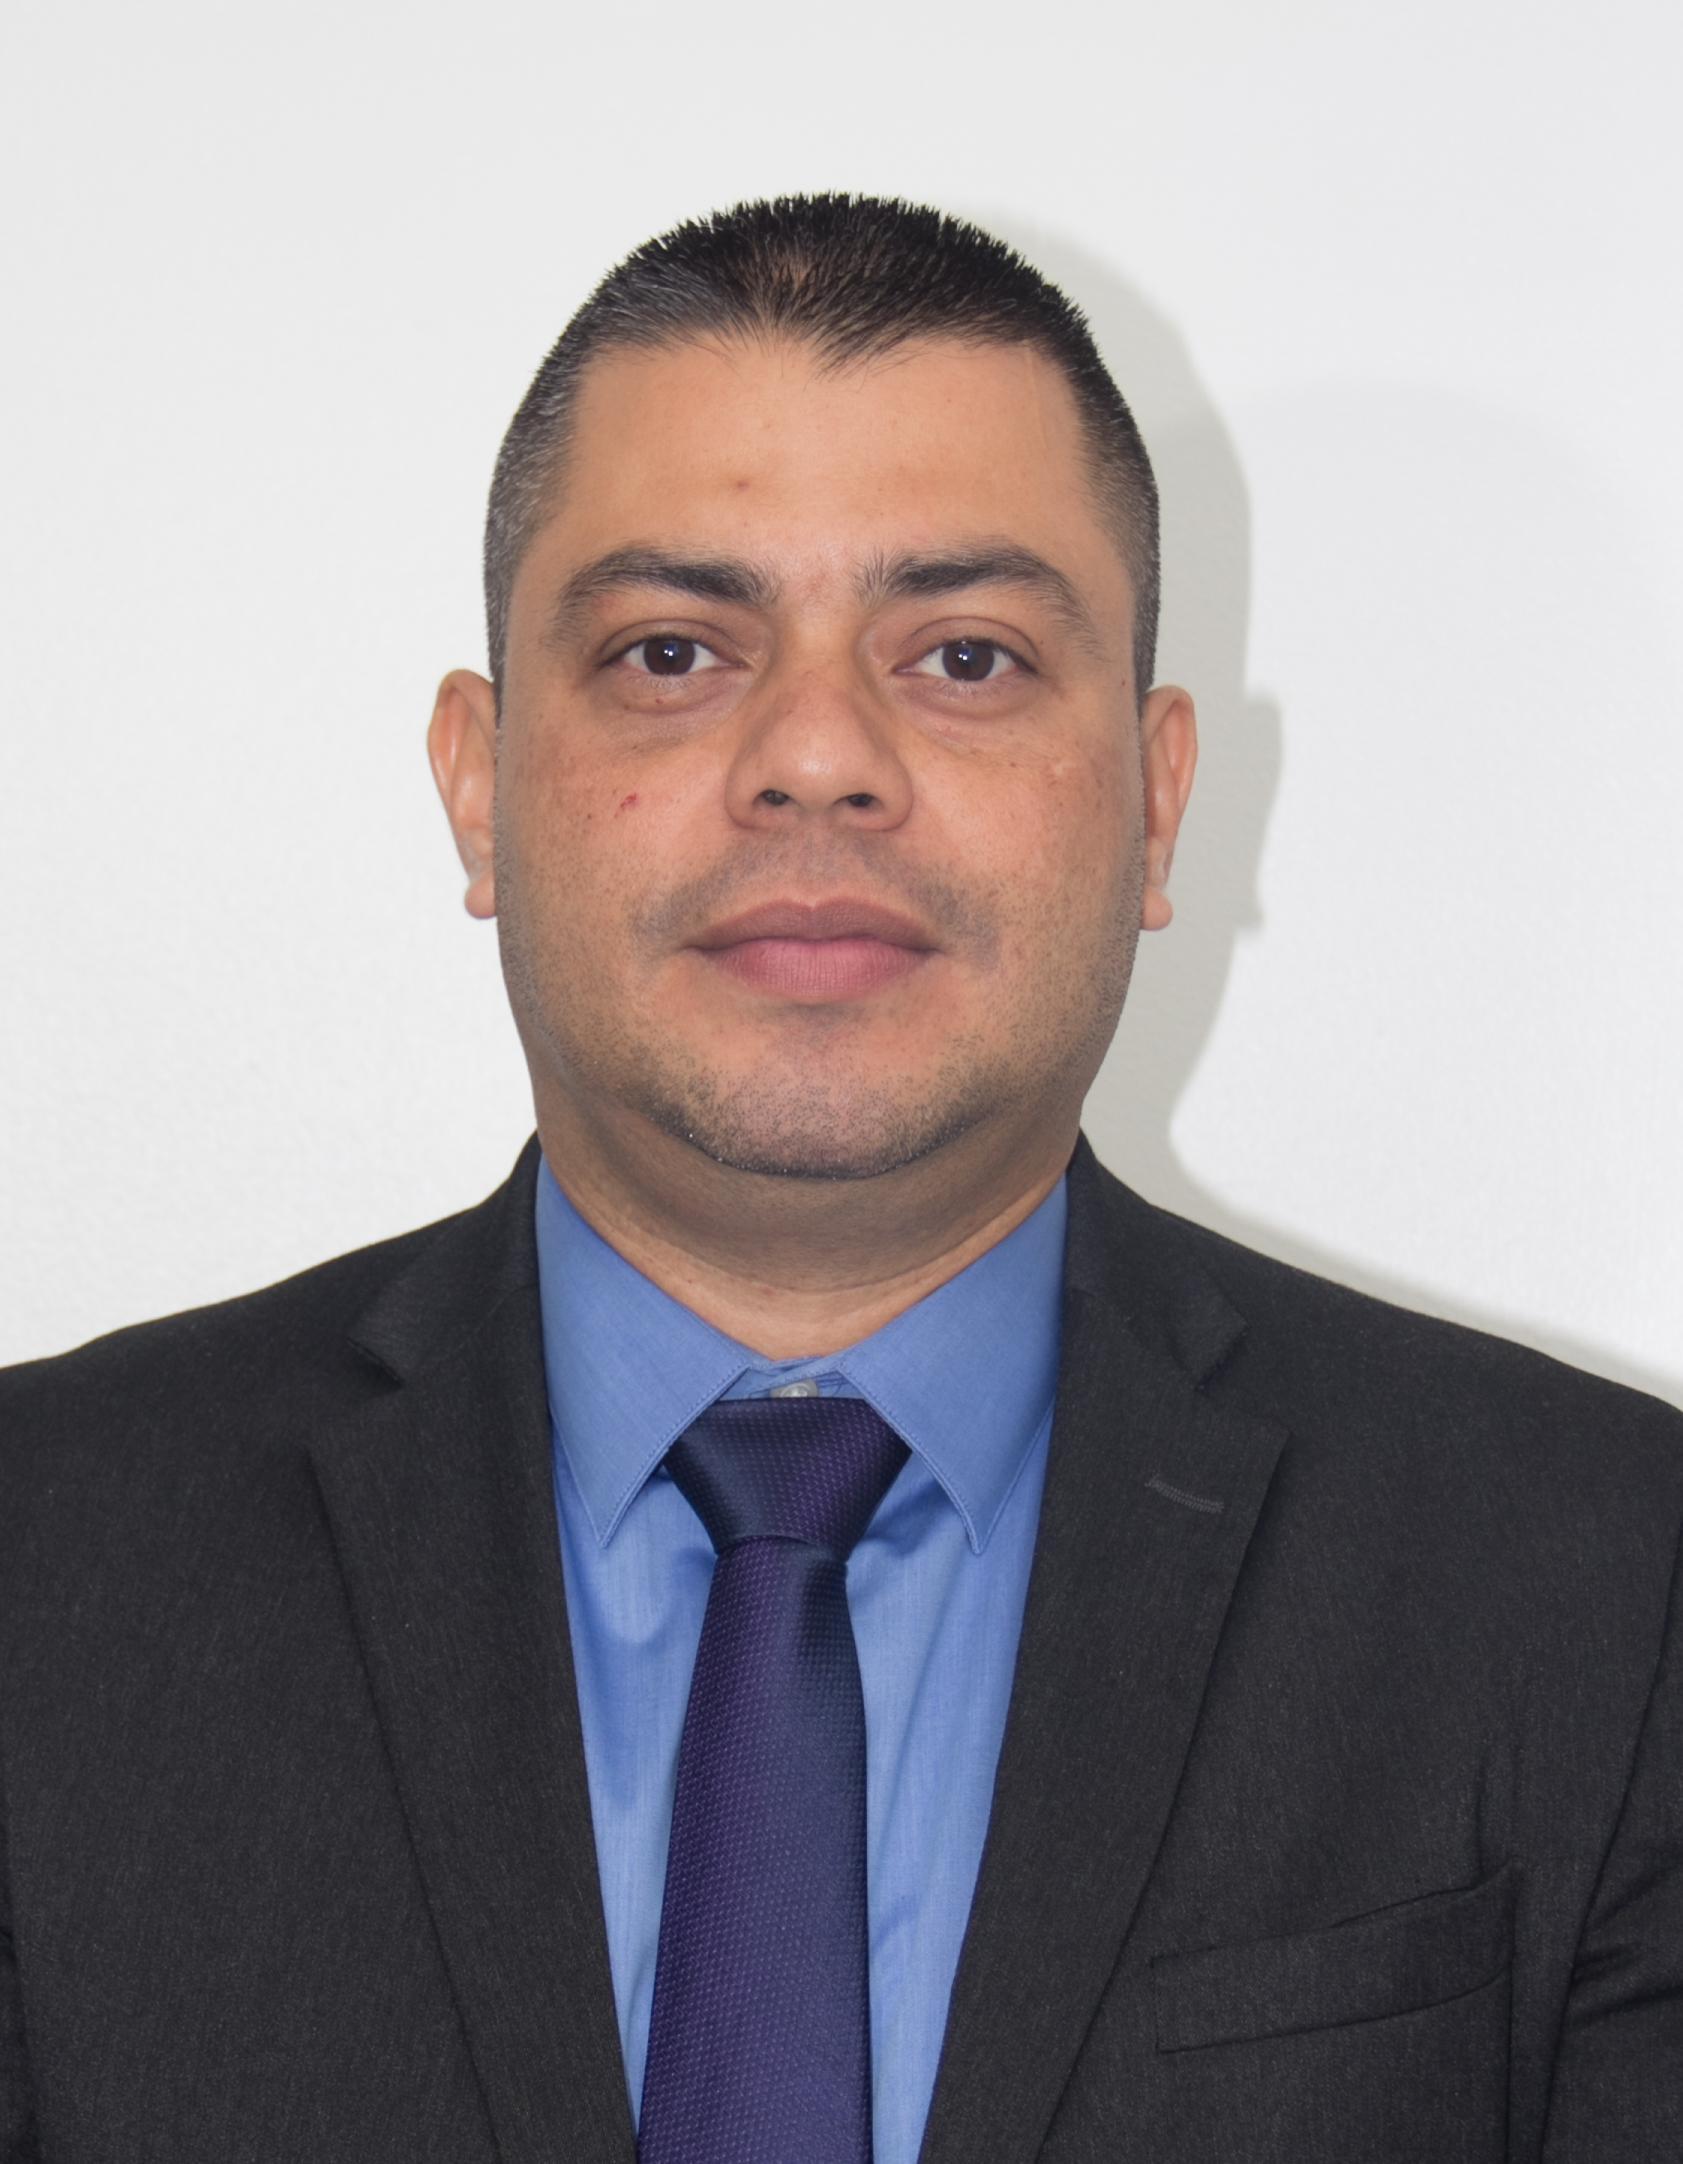 Dr. Ronald Manrique Funes Linares